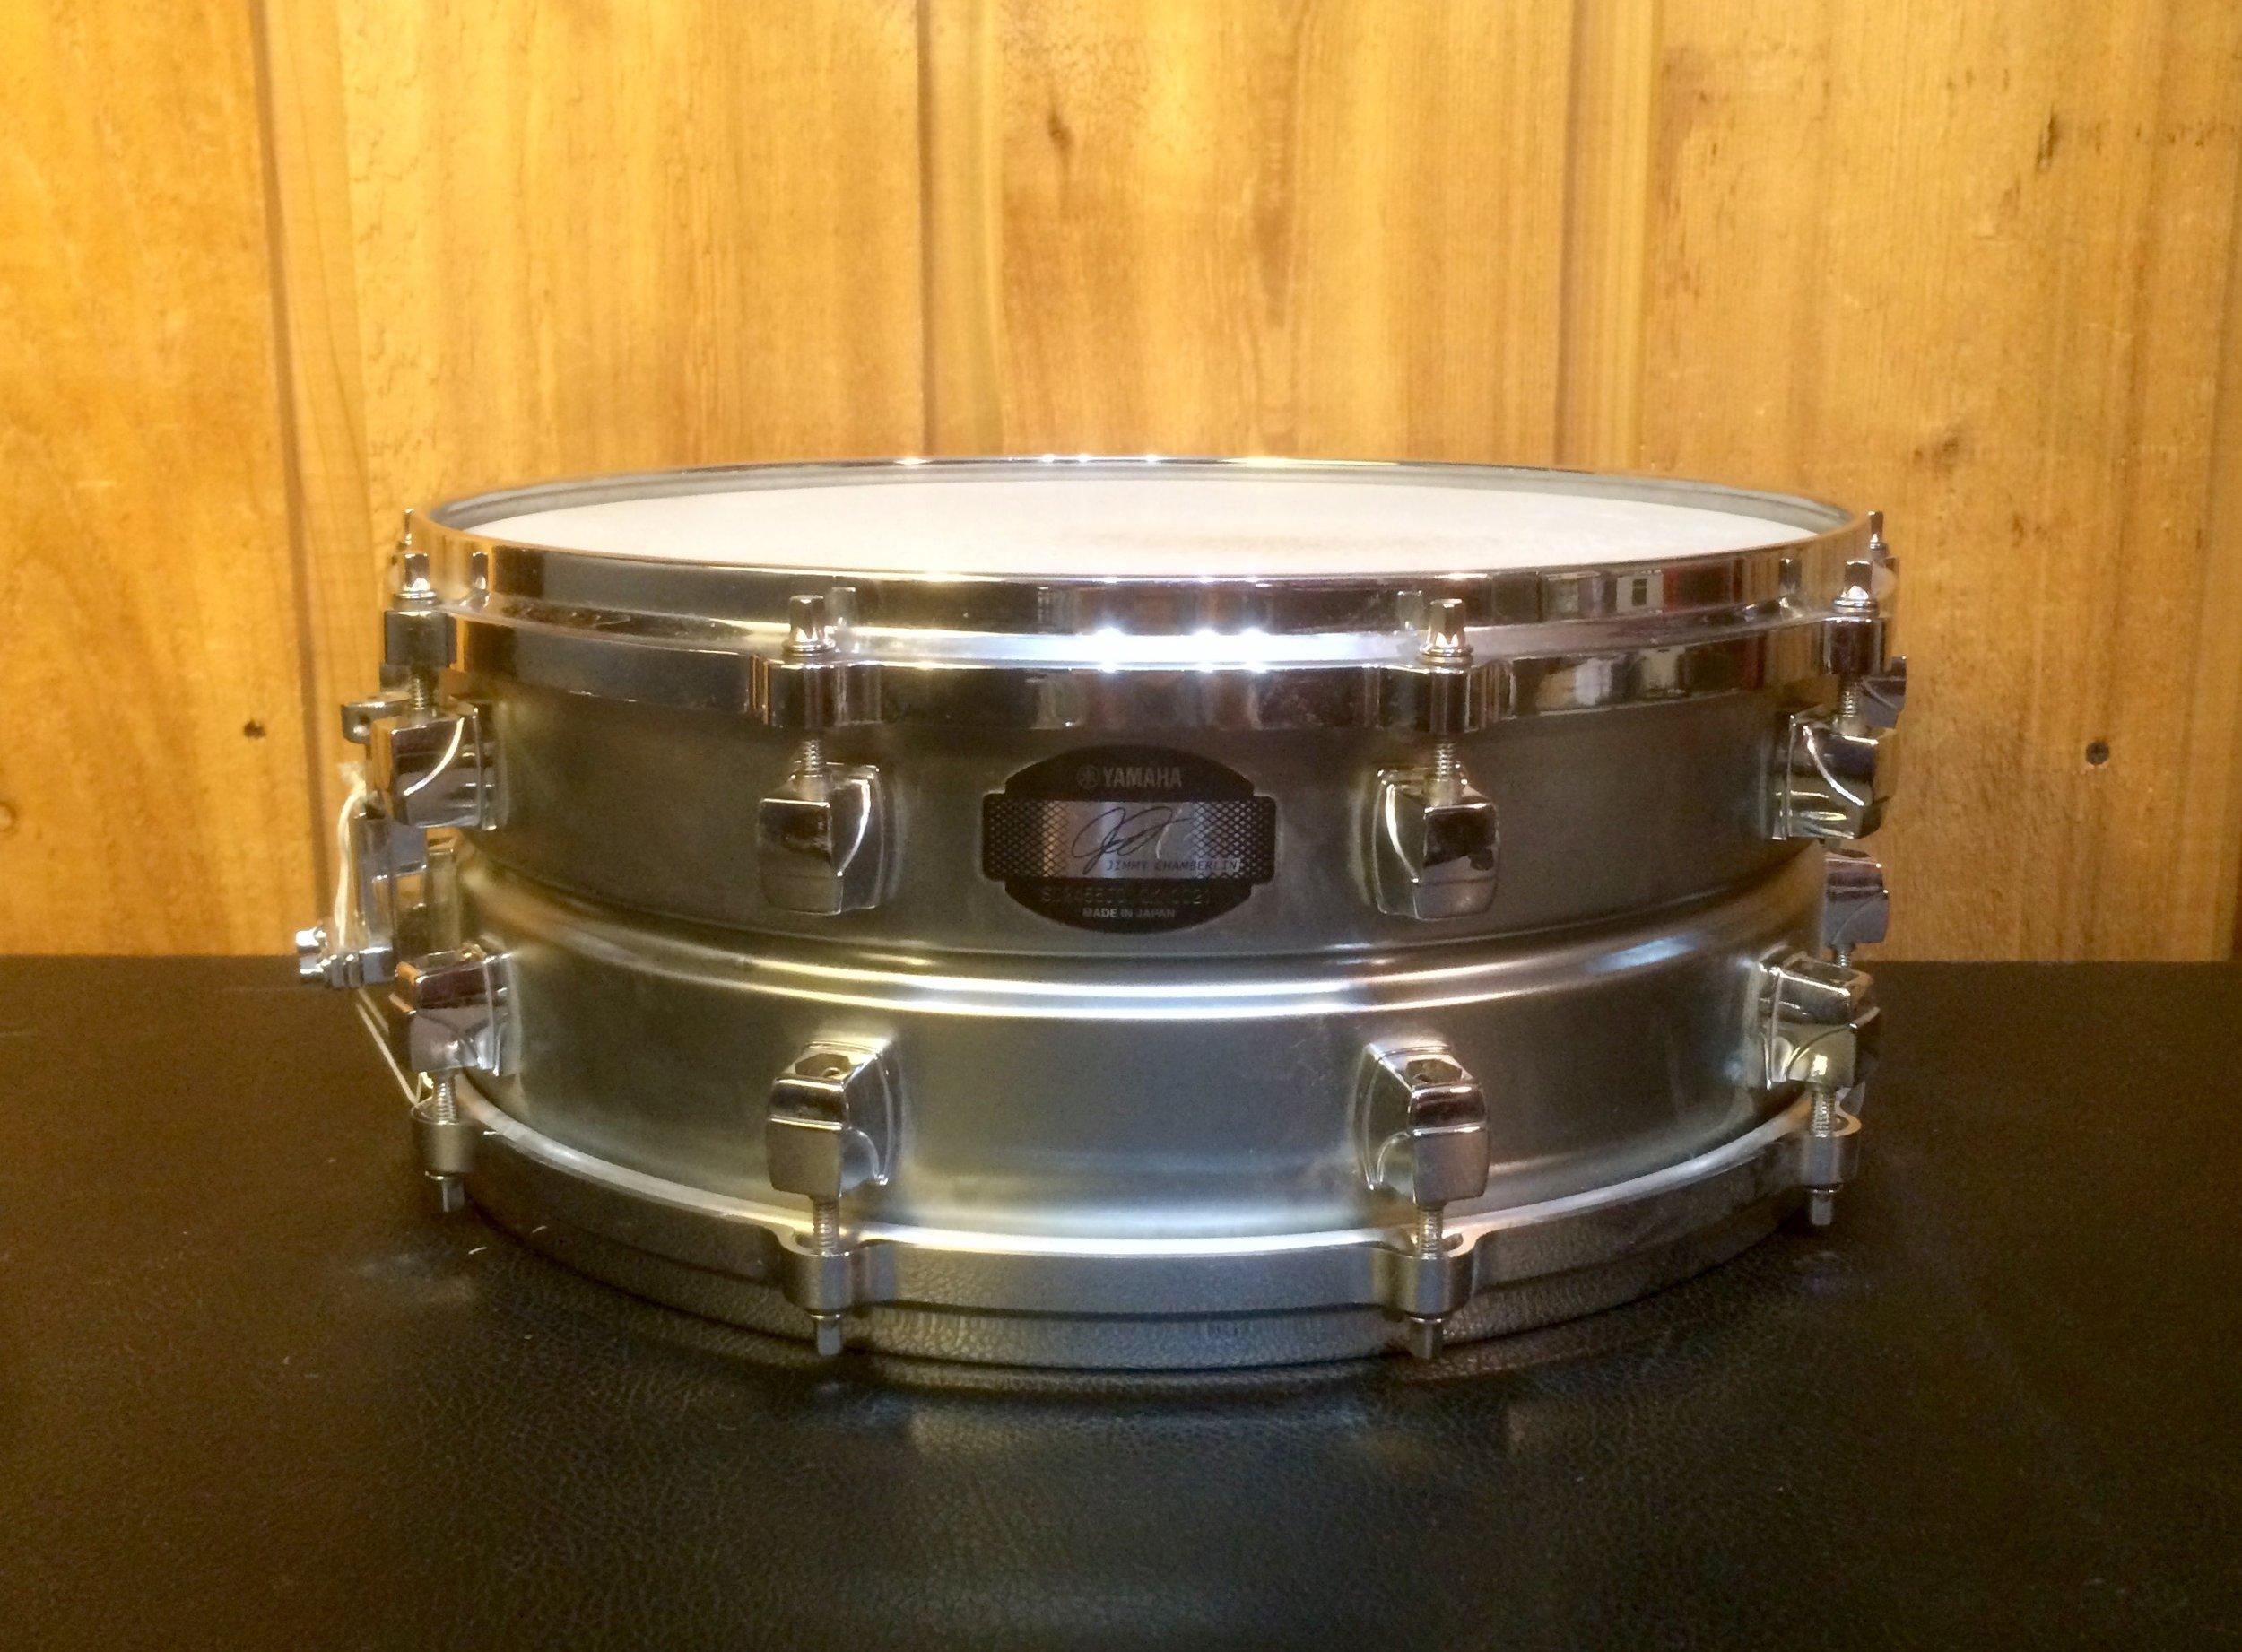 Yamaha Jimmy Chamberlin Signature Snare